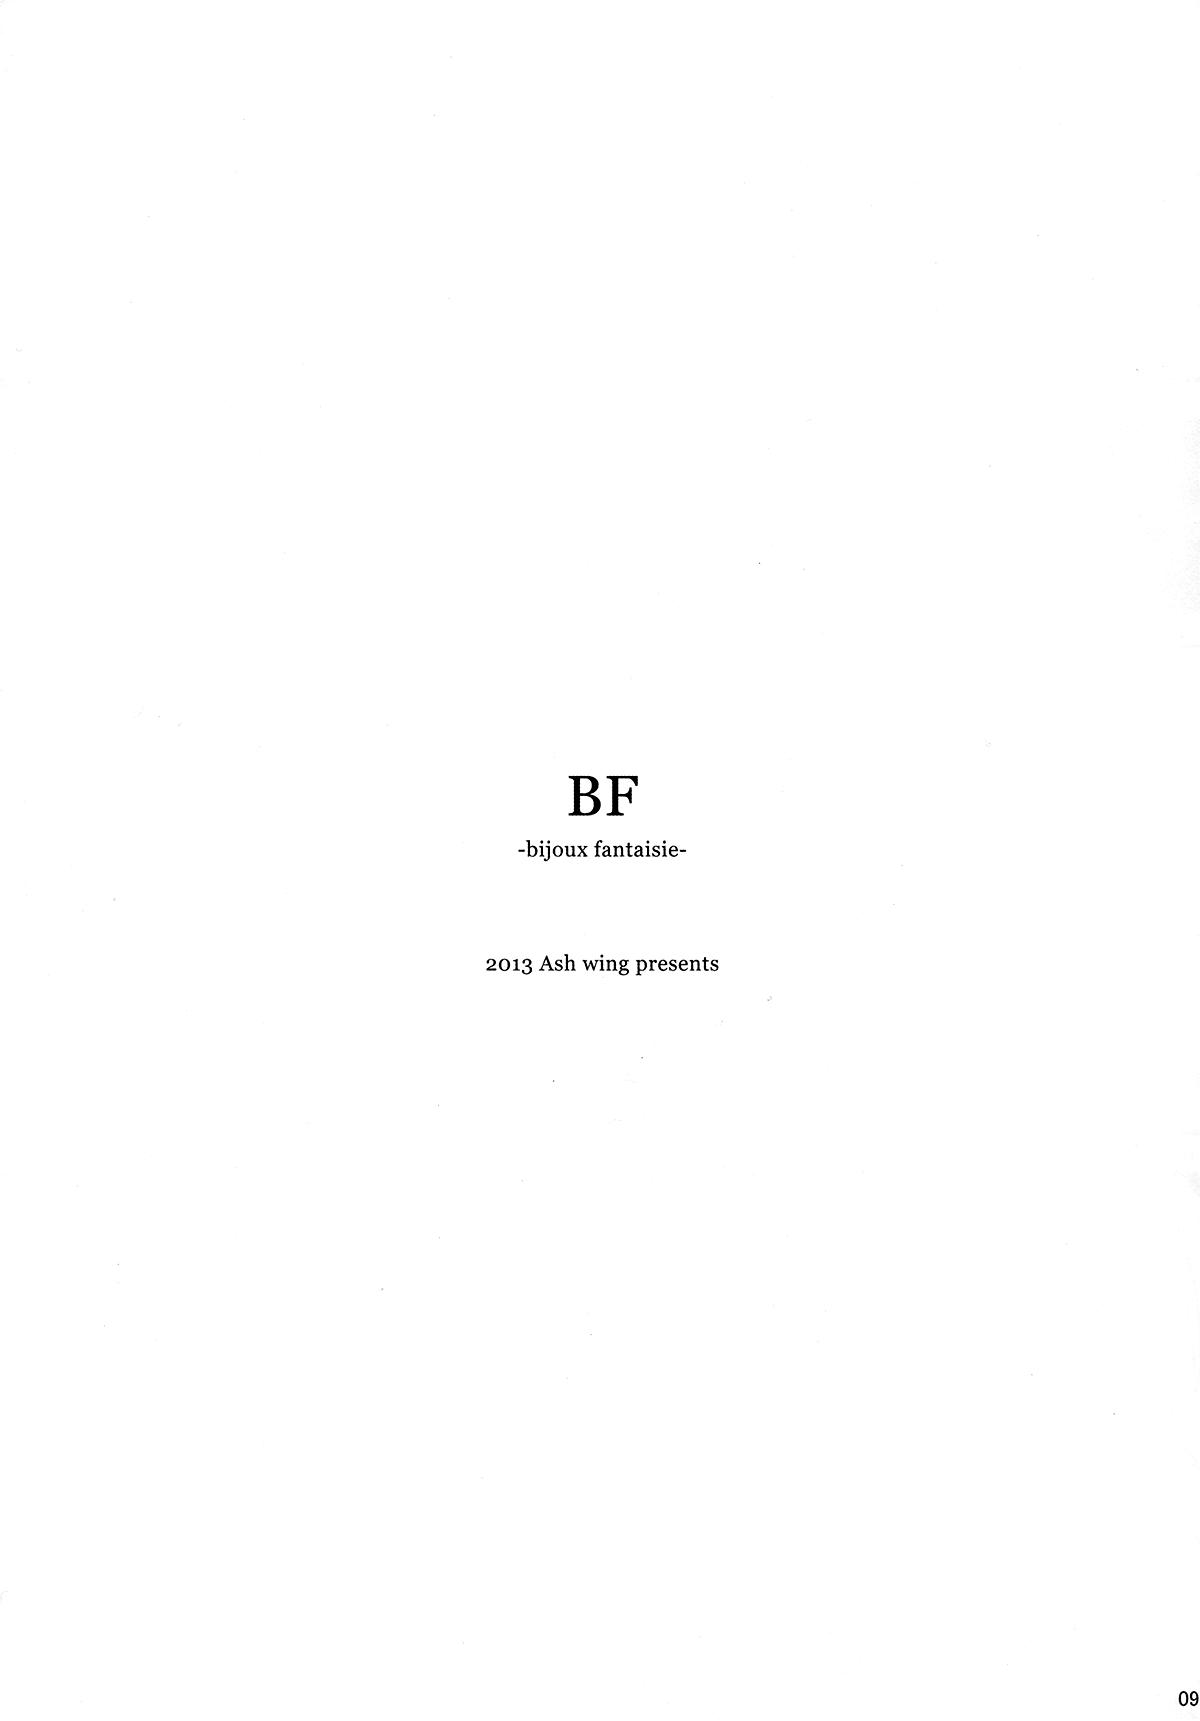 BF III 8